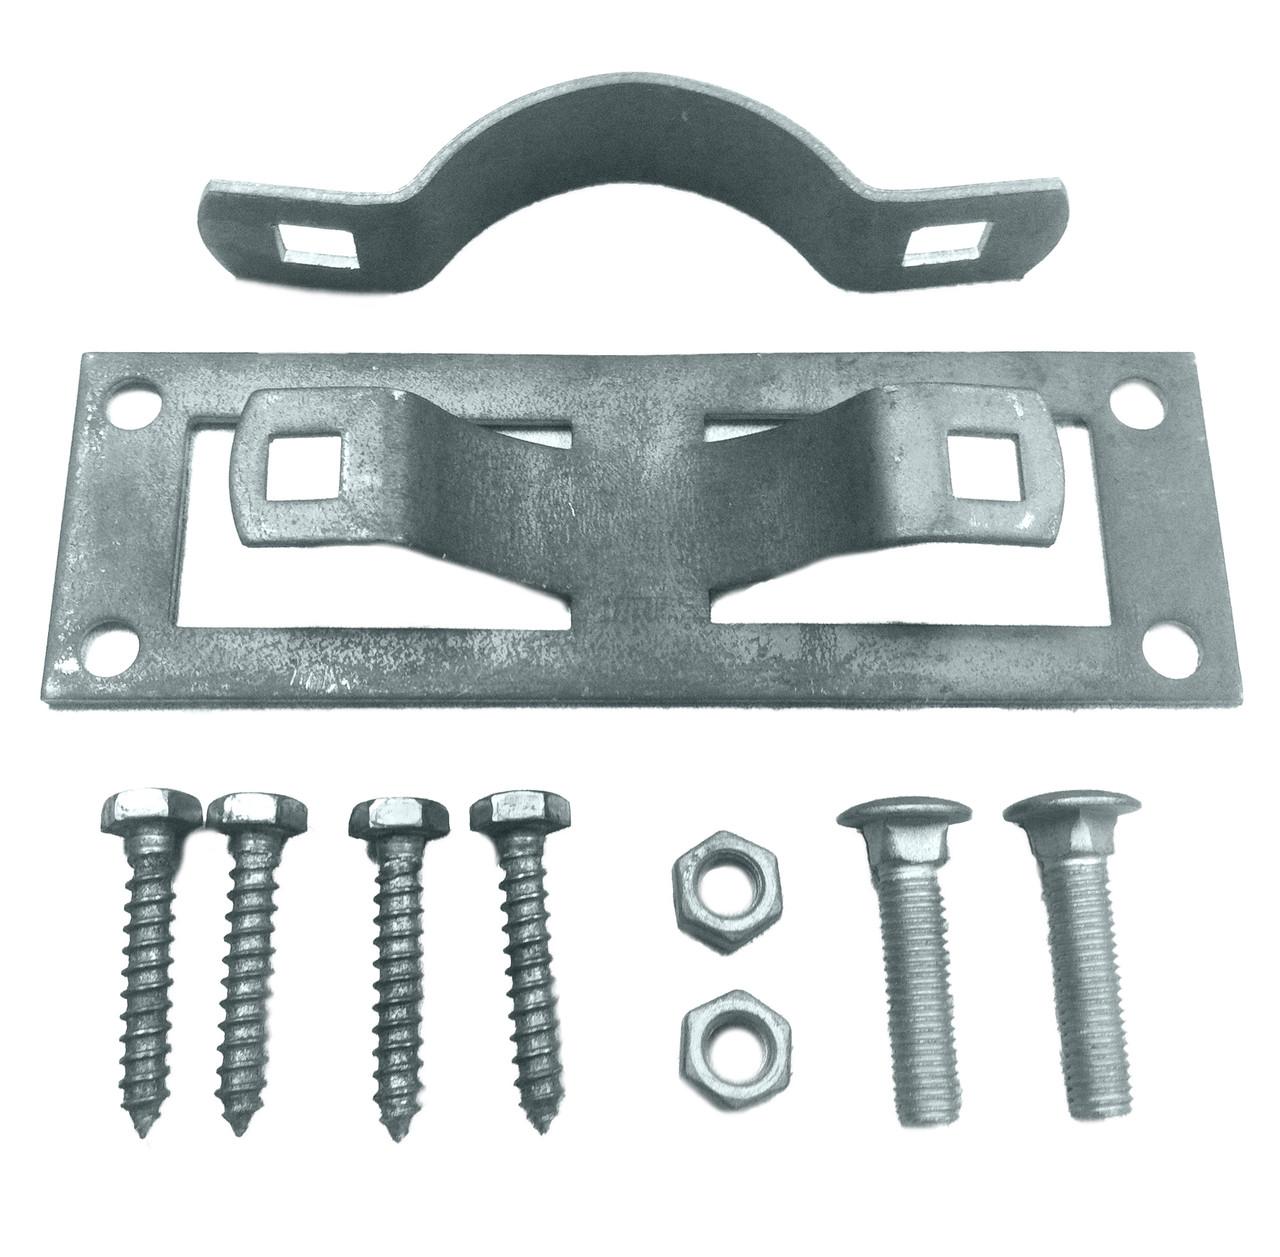 OZCO  WAP-238 Steel to Wood Fence Bracket w/ Hardware